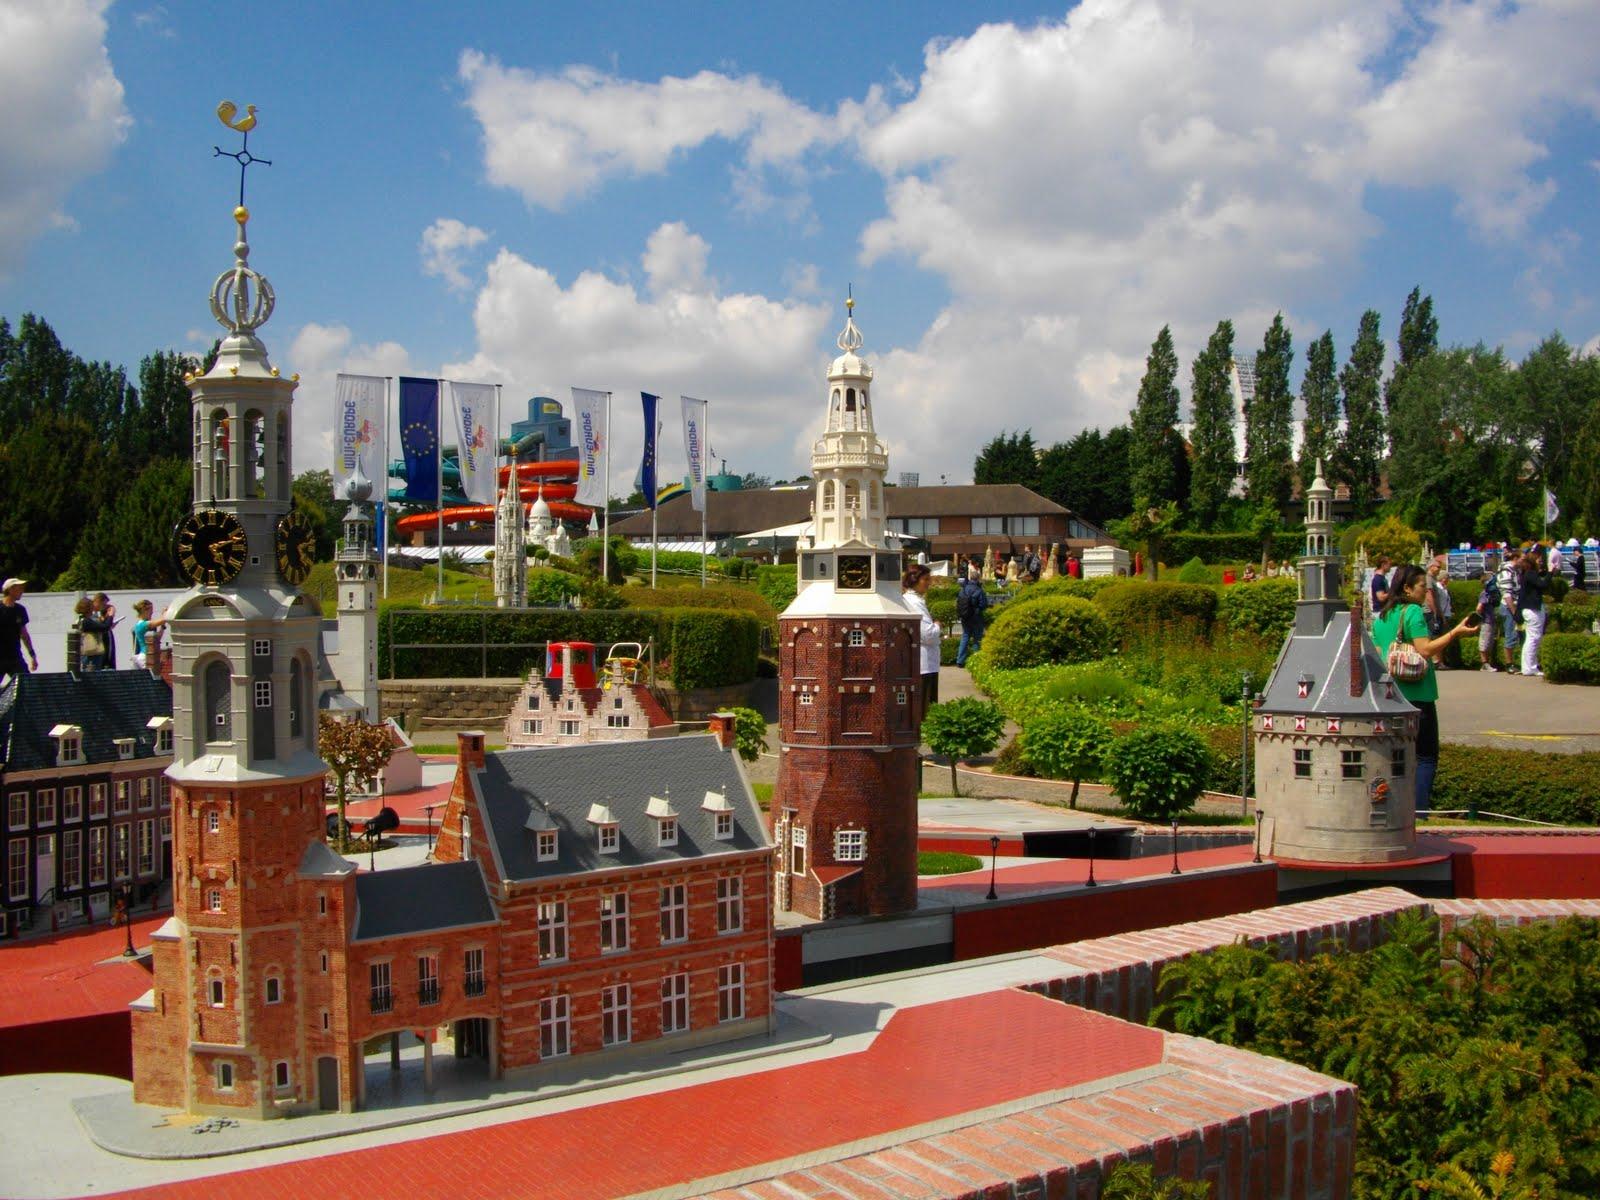 Công viên Mini Europe